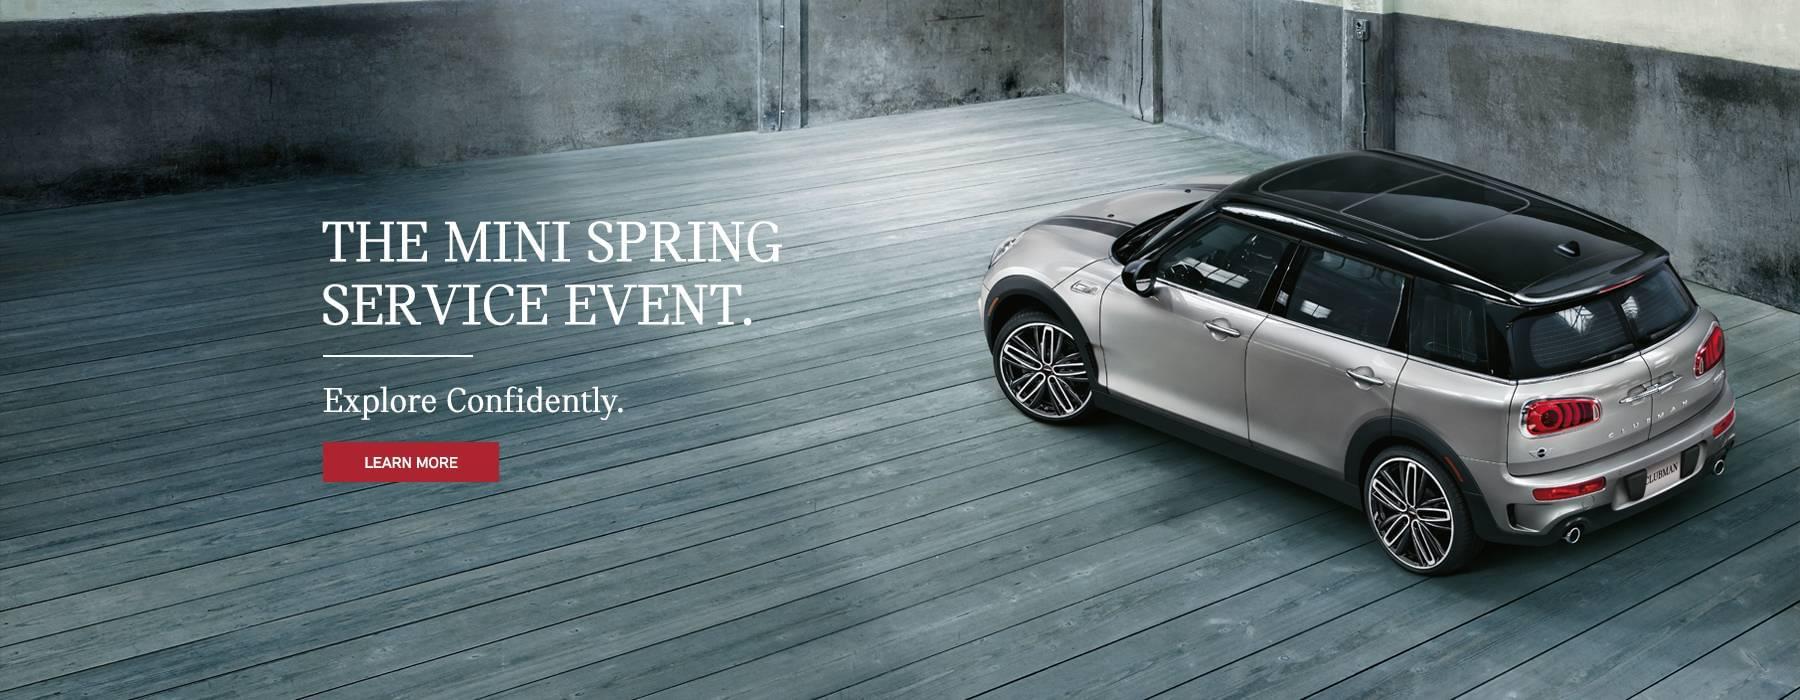 Mini Spring Service Event